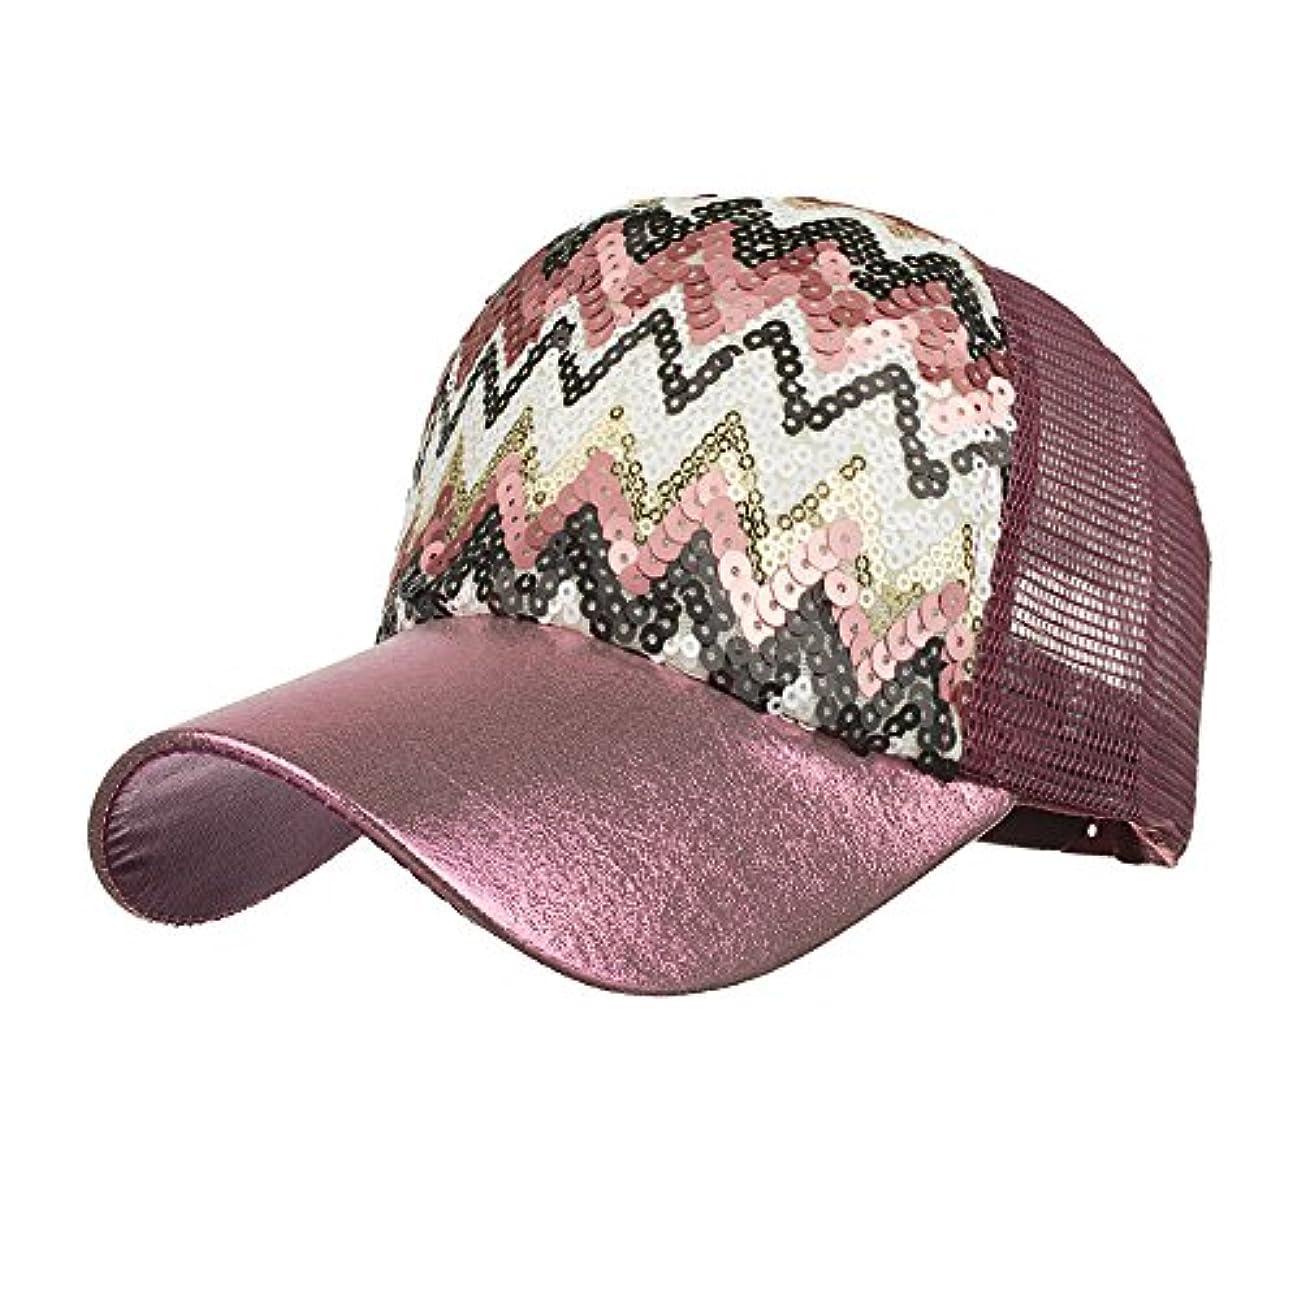 無限大基準無視Racazing Cap 輝く棒球帽 カラーマッチング 野球帽 ヒップホップ 通気性のある ラインストーン 帽子 夏 登山 アメリカの旗 可調整可能 男女兼用 UV 帽子 軽量 屋外 メッシュ Unisex Cap (紫の)